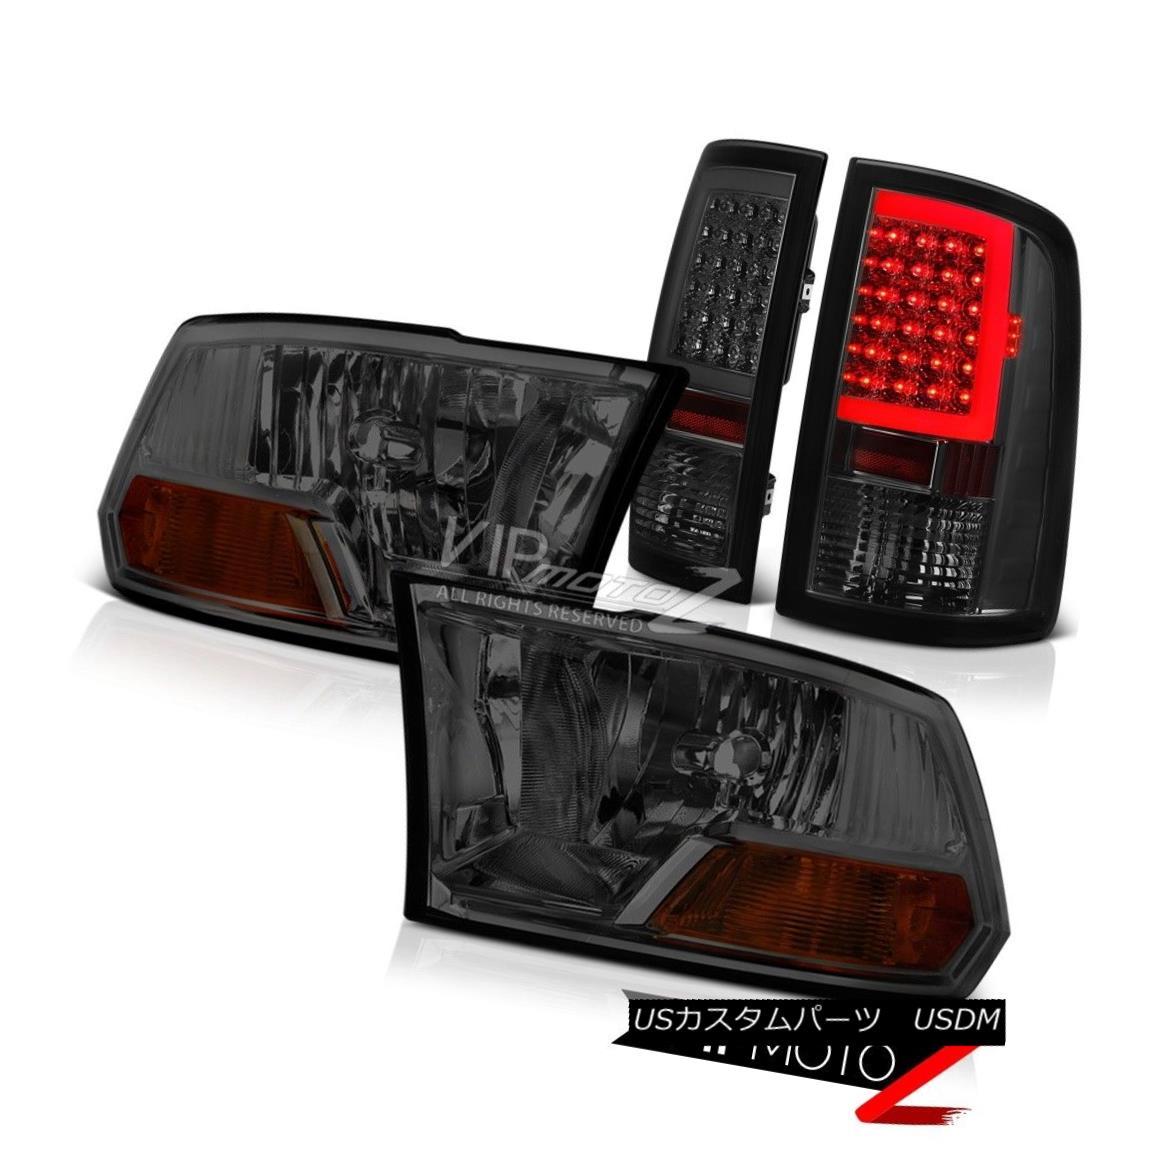 ヘッドライト 09-16 17 18 Dodge RAM 3500 Smokey Tail Lamps Factory Style Headlamps Replacement 09-16 17 18ダッジRAM 3500スモーキーテールランプ工場スタイルヘッドランプ交換